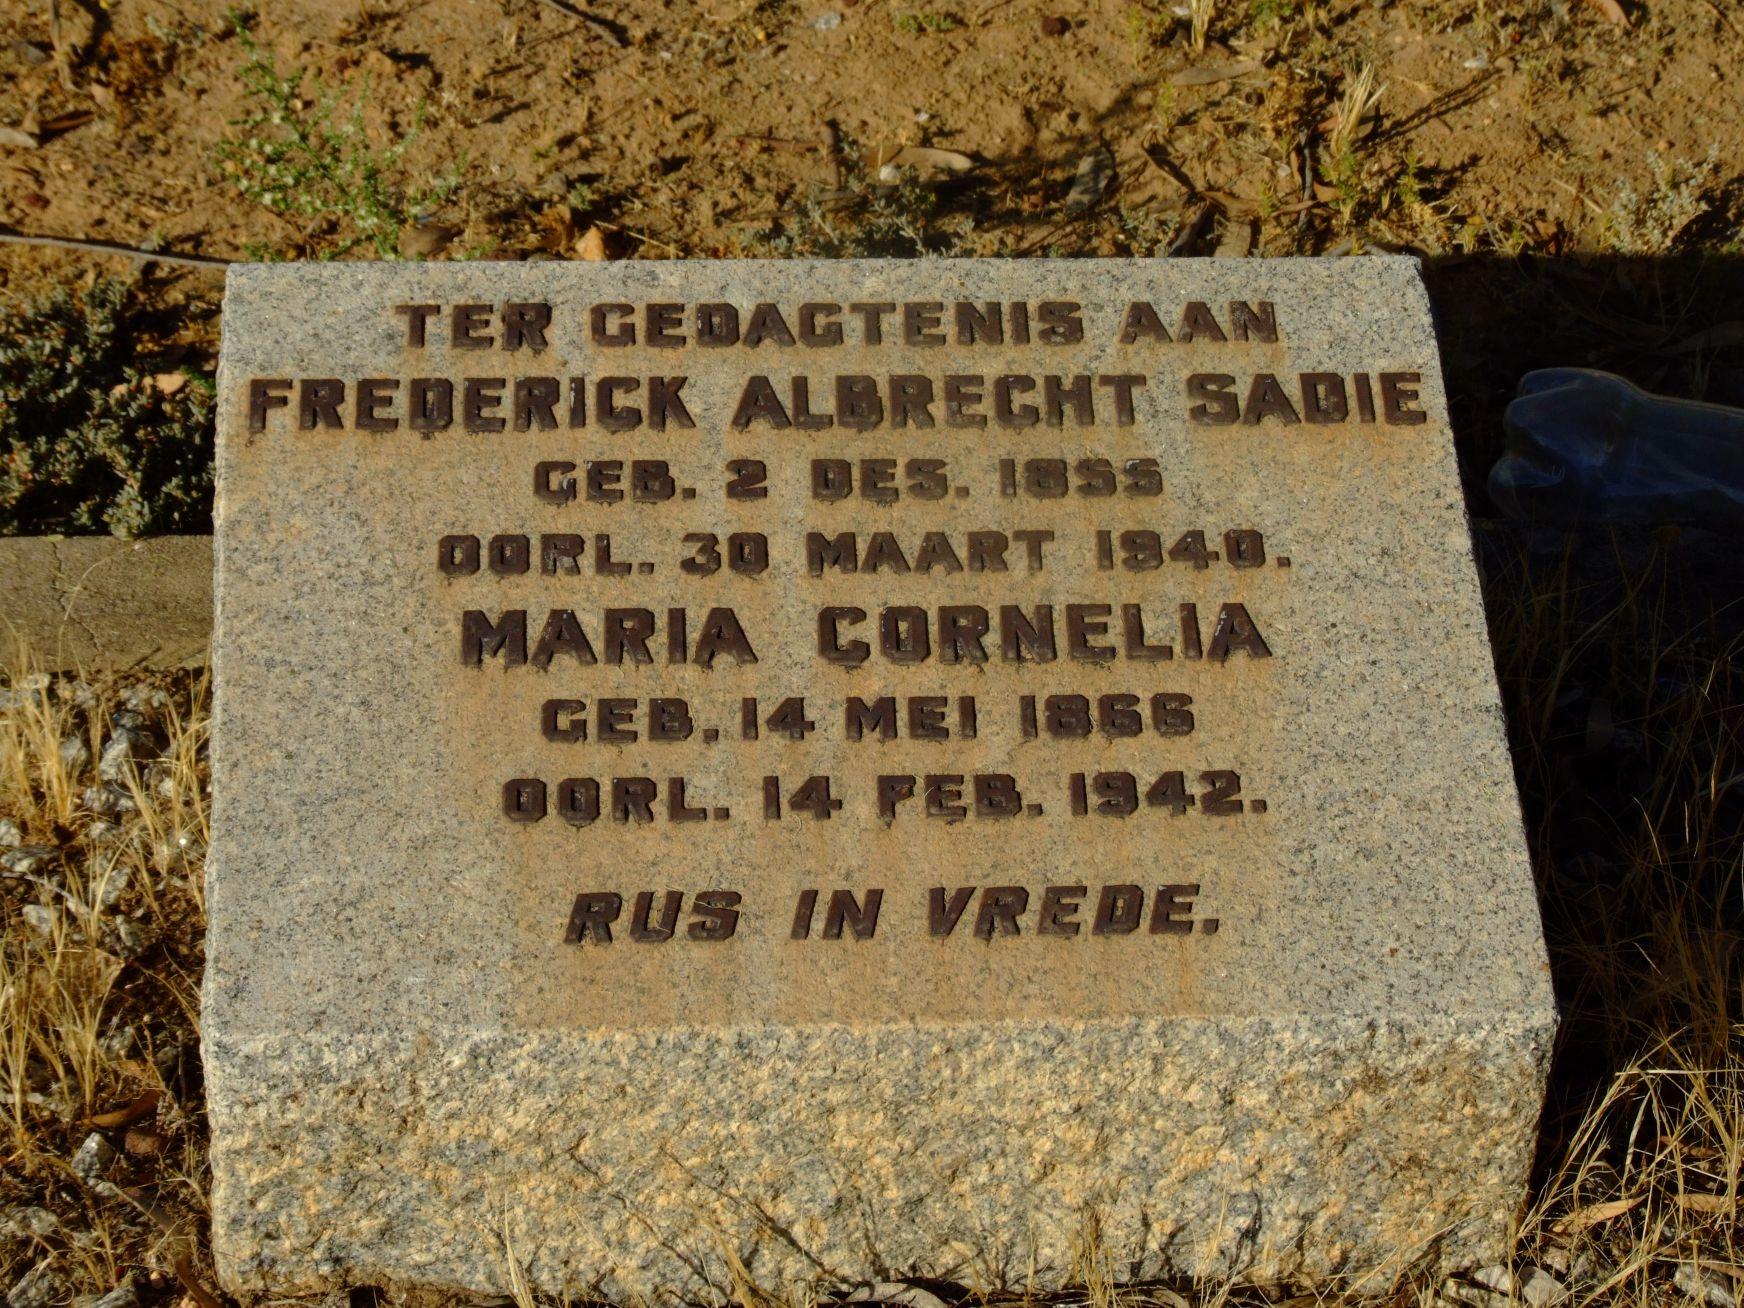 Sadie, Frederick Albrecht + Sadie, Maria Cornelia